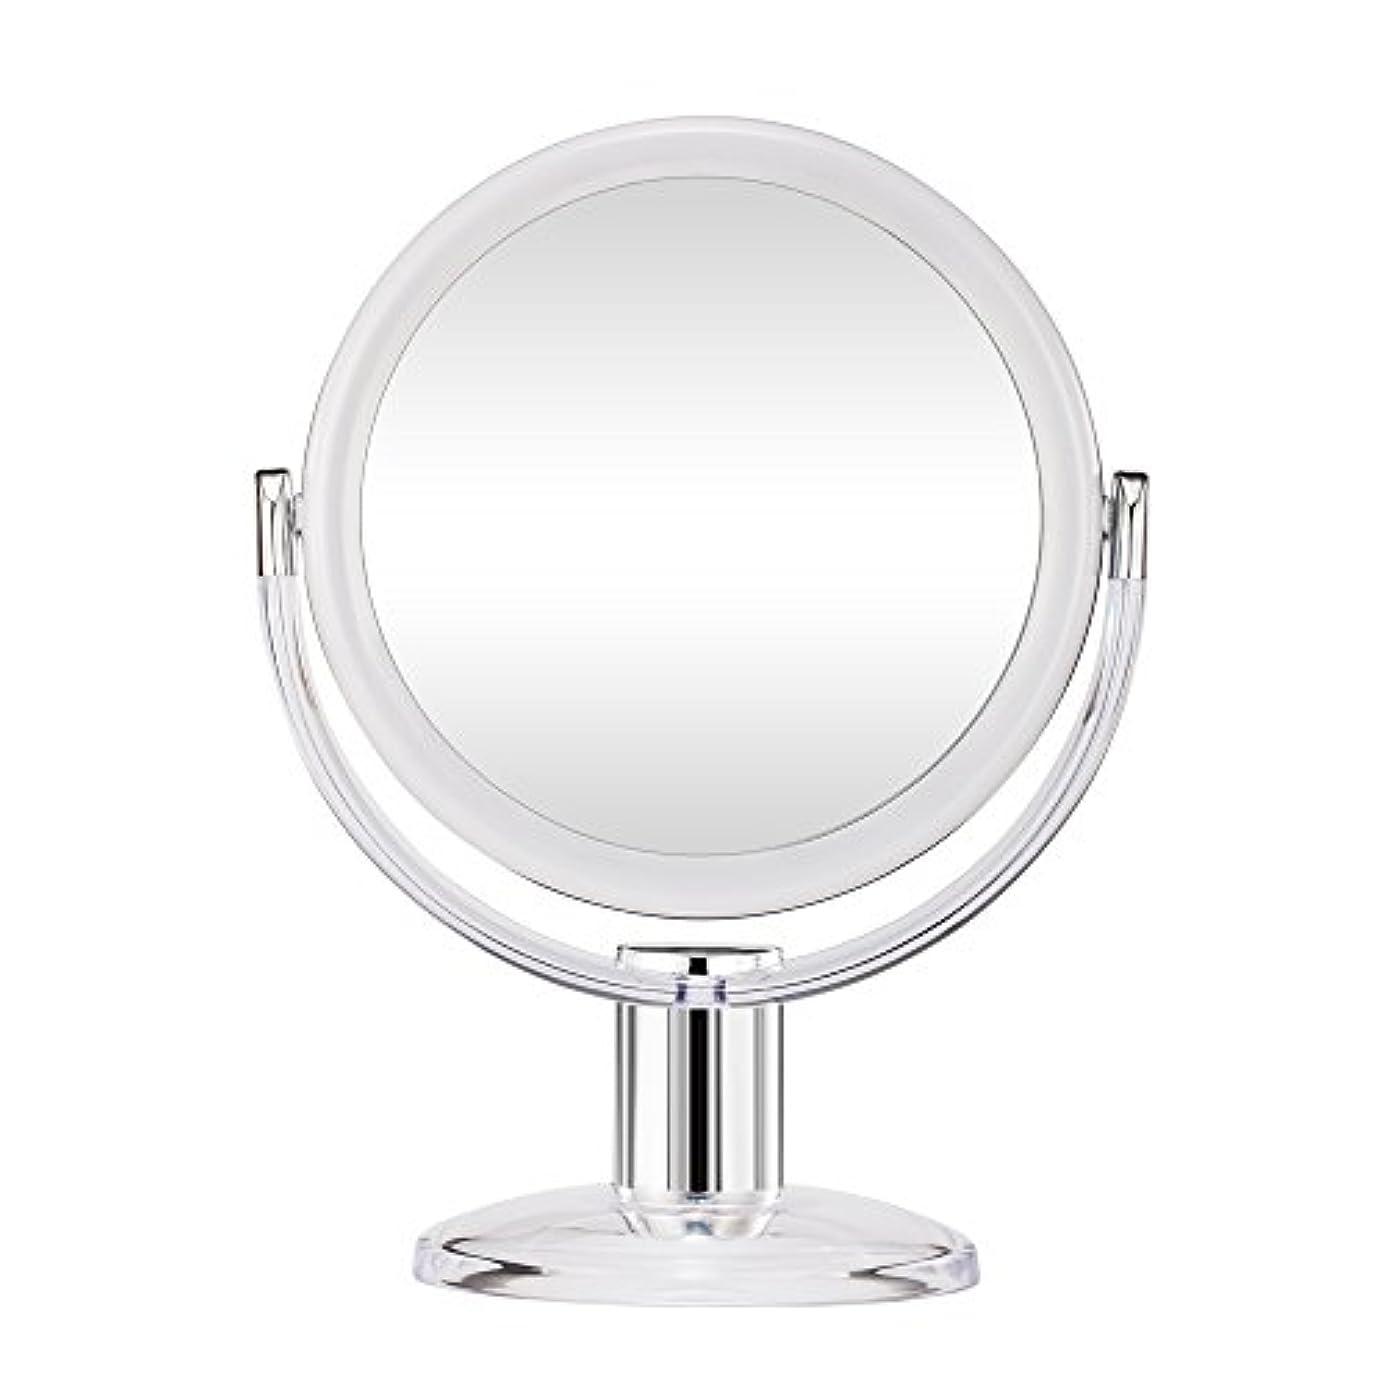 暗唱する荒野のぞき穴Gotofine スタンドミラー 卓上鏡 両面鏡 10倍と等倍 透明 アクリル樹脂 おしゃれ 円型